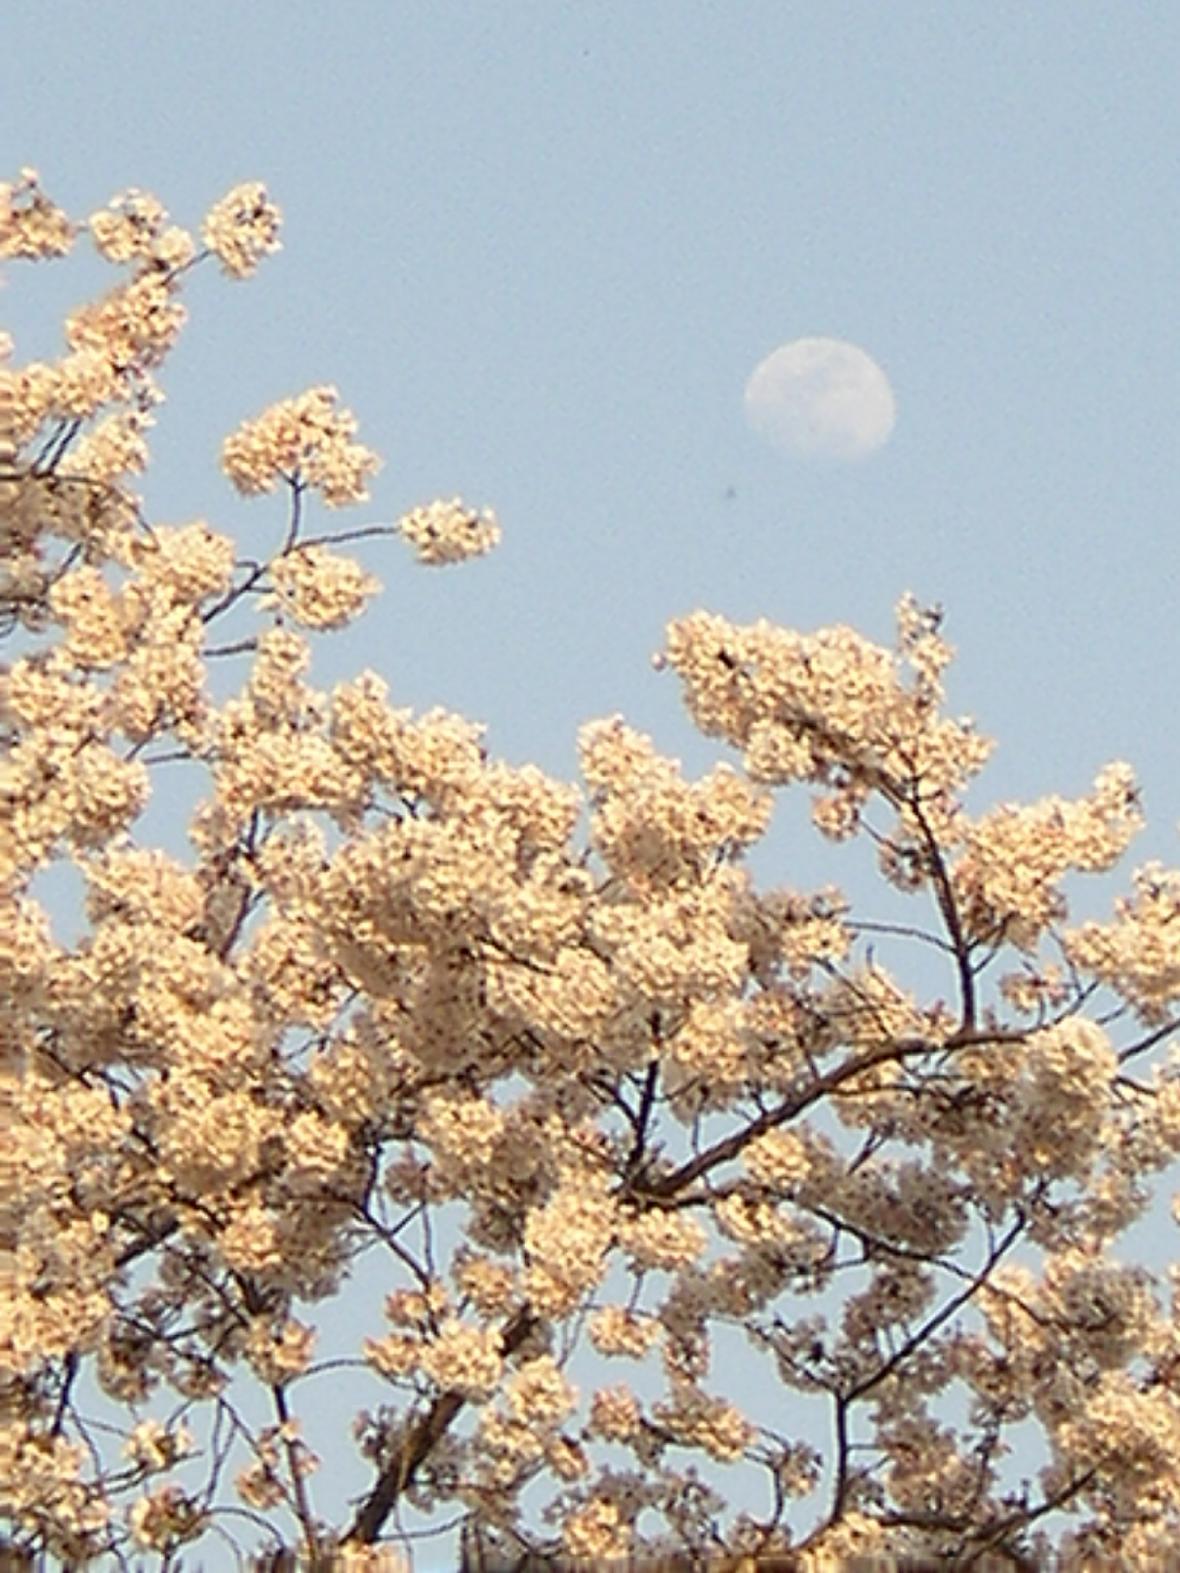 吾妻川昼の月の花見